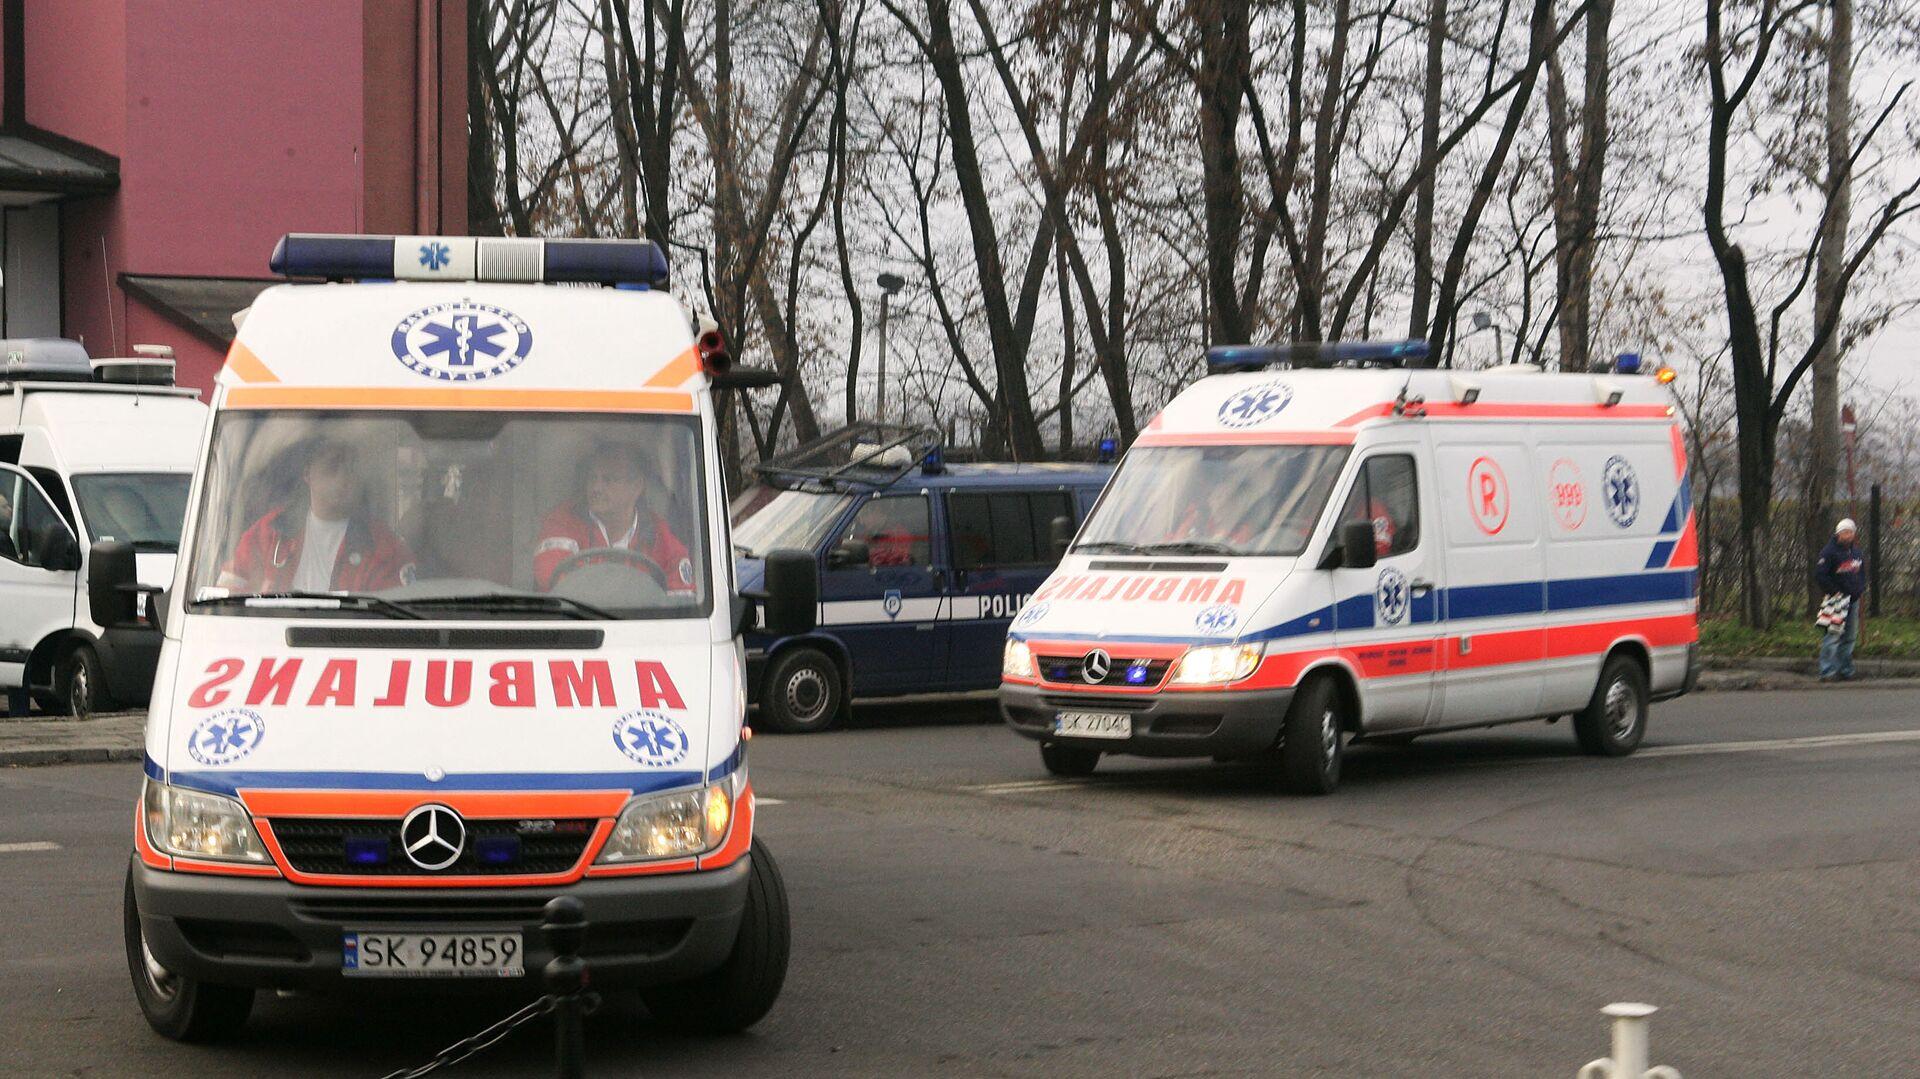 Ambulanze in Polonia (foto d'archivio) - Sputnik Italia, 1920, 08.09.2021